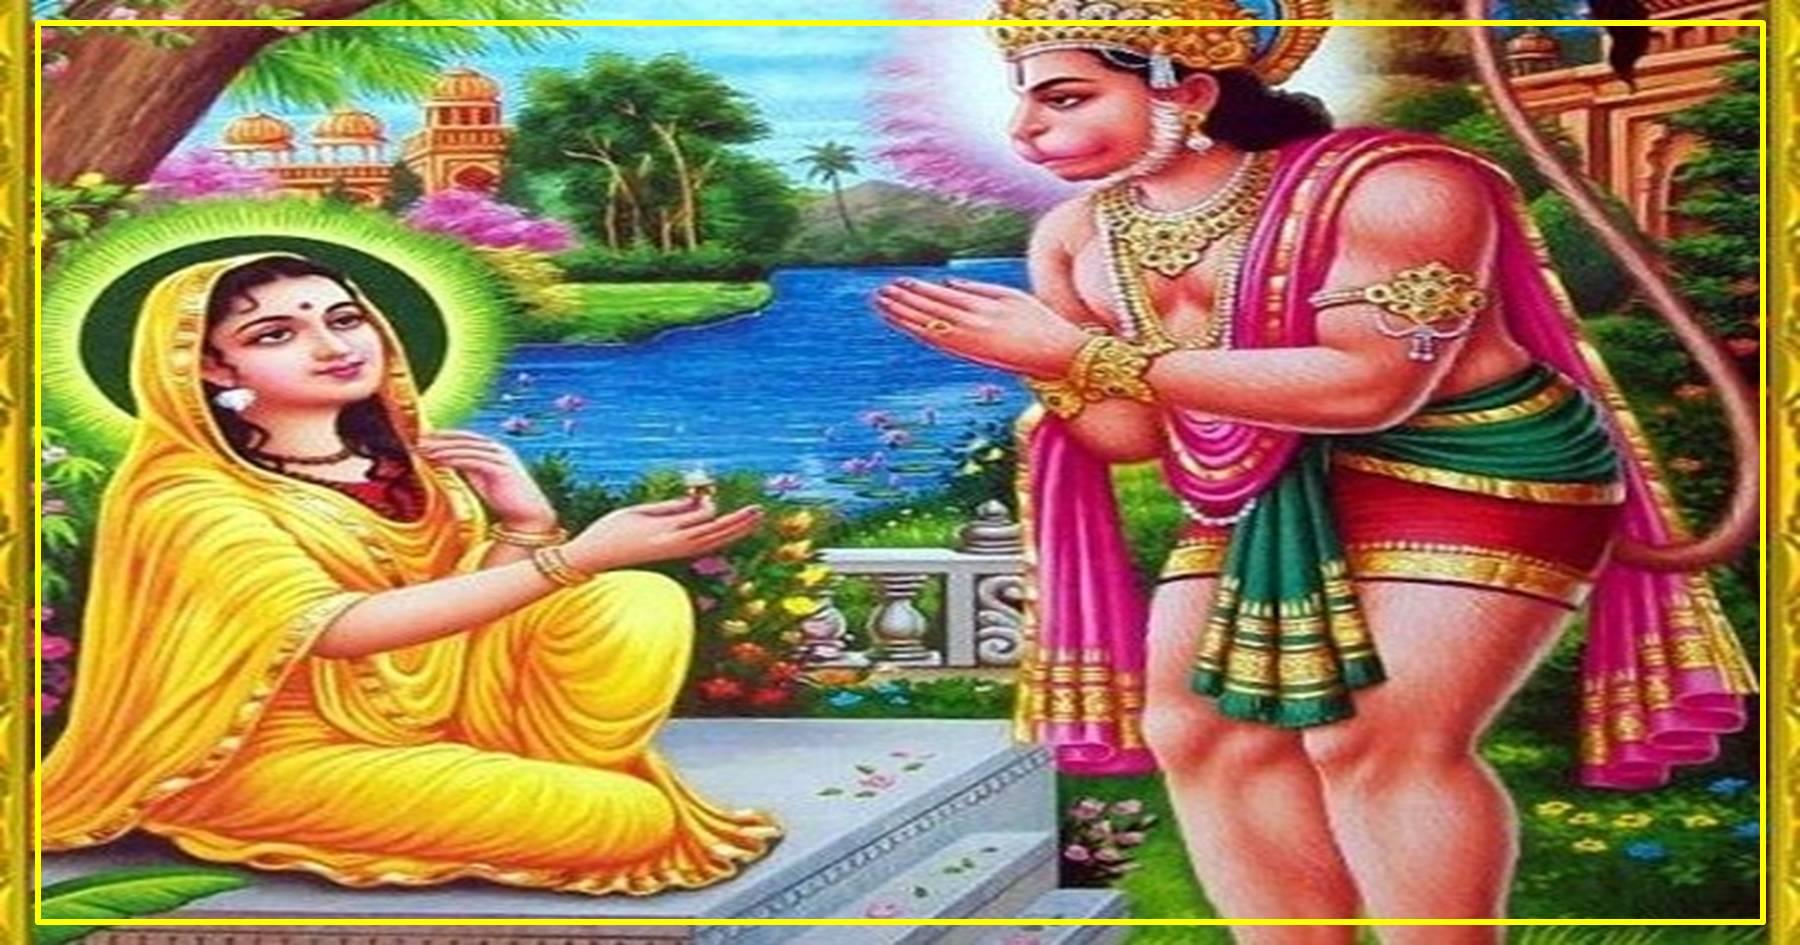 હનુમાનજી ને અમરત્વનુ વરદાન કોણે આપ્યુ ? જાણો આવી બીજી રસપ્રદ વાતો….